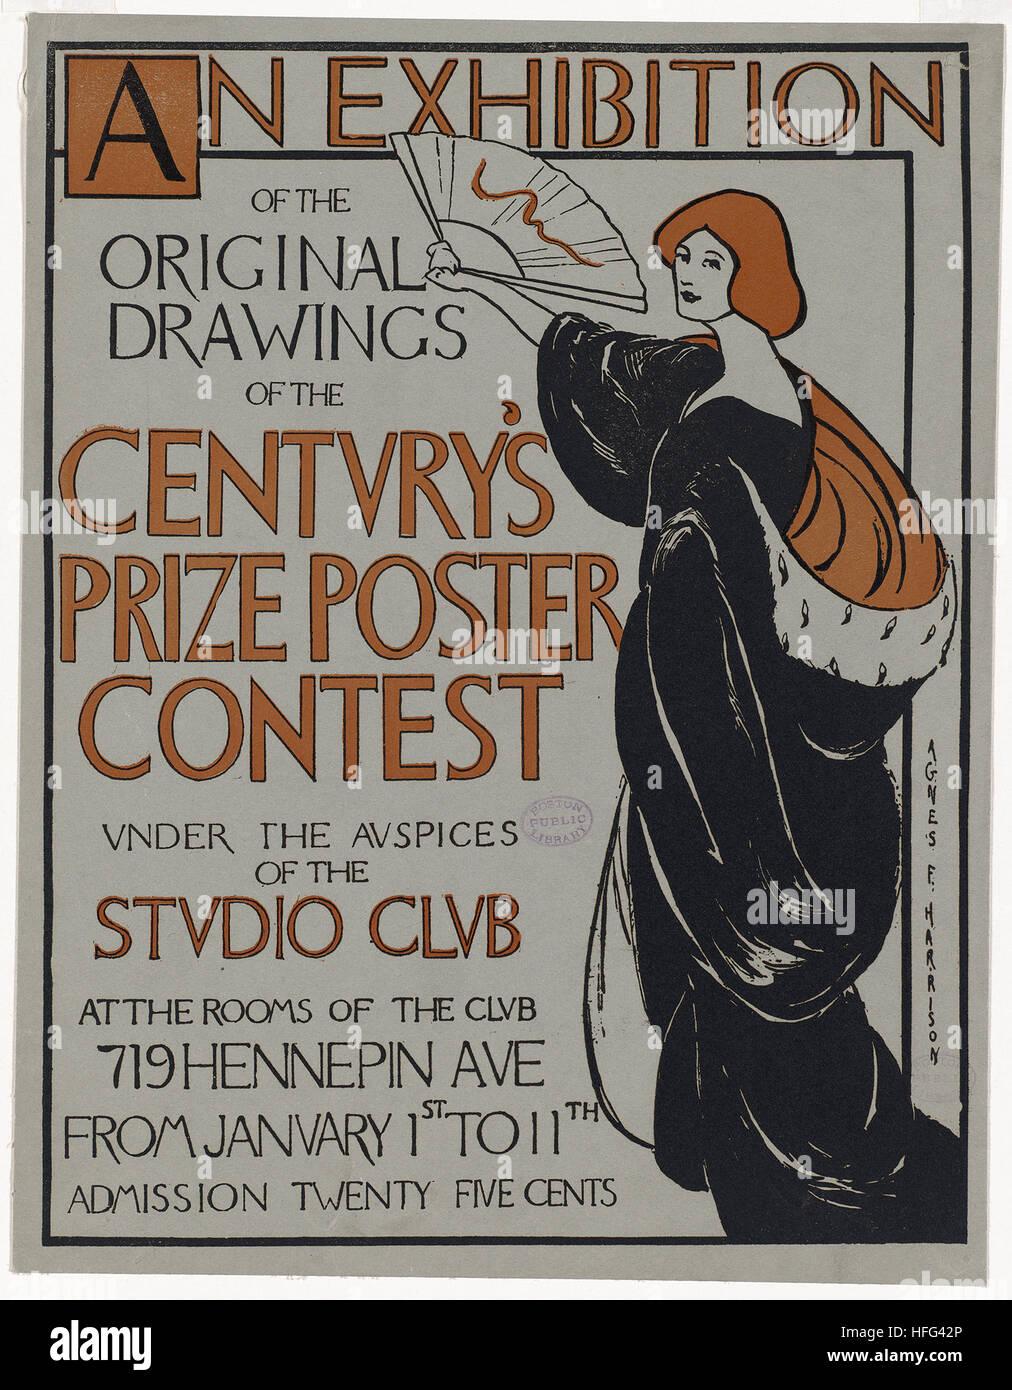 Une exposition des dessins originaux du siècle, le prix du concours de l'affiche sous les auspices du Studio Photo Stock